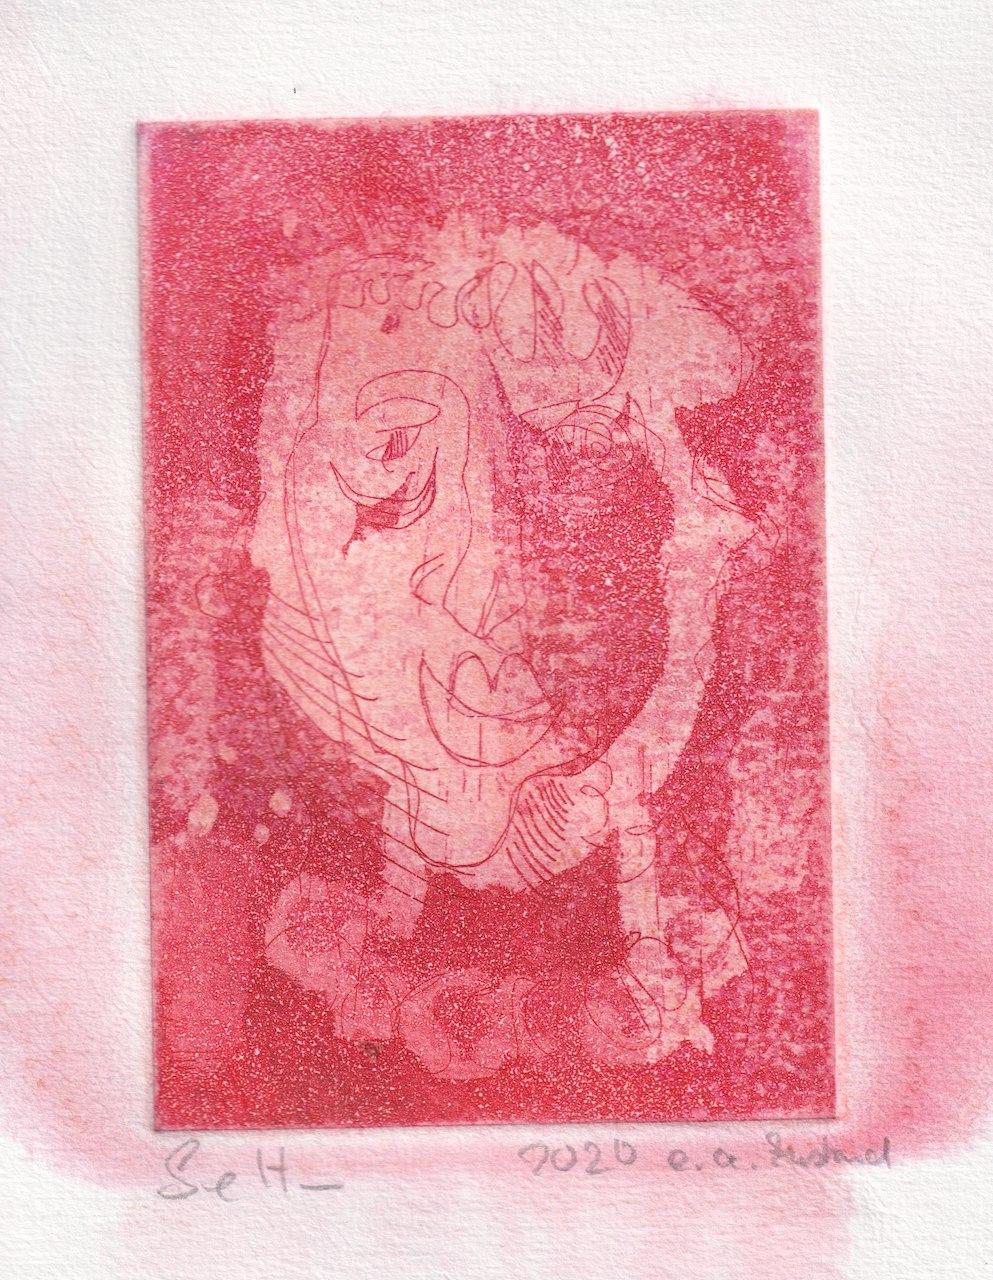 Eine schaut rot, 15 x 10 cm, Aquatinta von Susanne Haun (c) VG Bild-Kunst, Bonn 2020